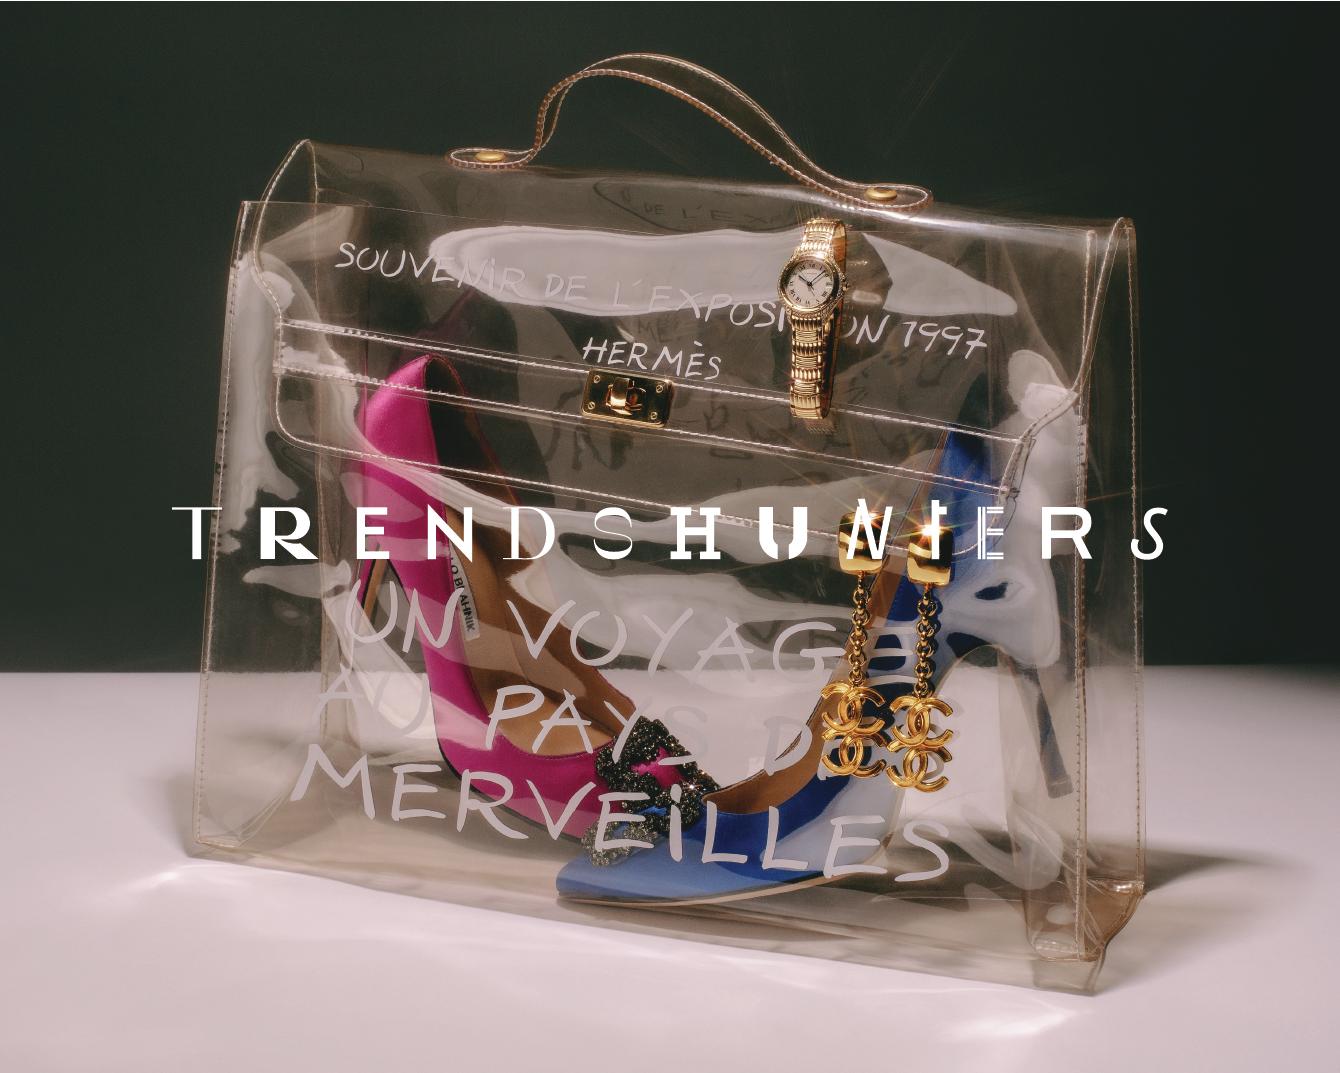 Первый онлайн-маркетплейс сегмента «люкс» — Marie Claire x TRENDS HUNTERS-Фото 1